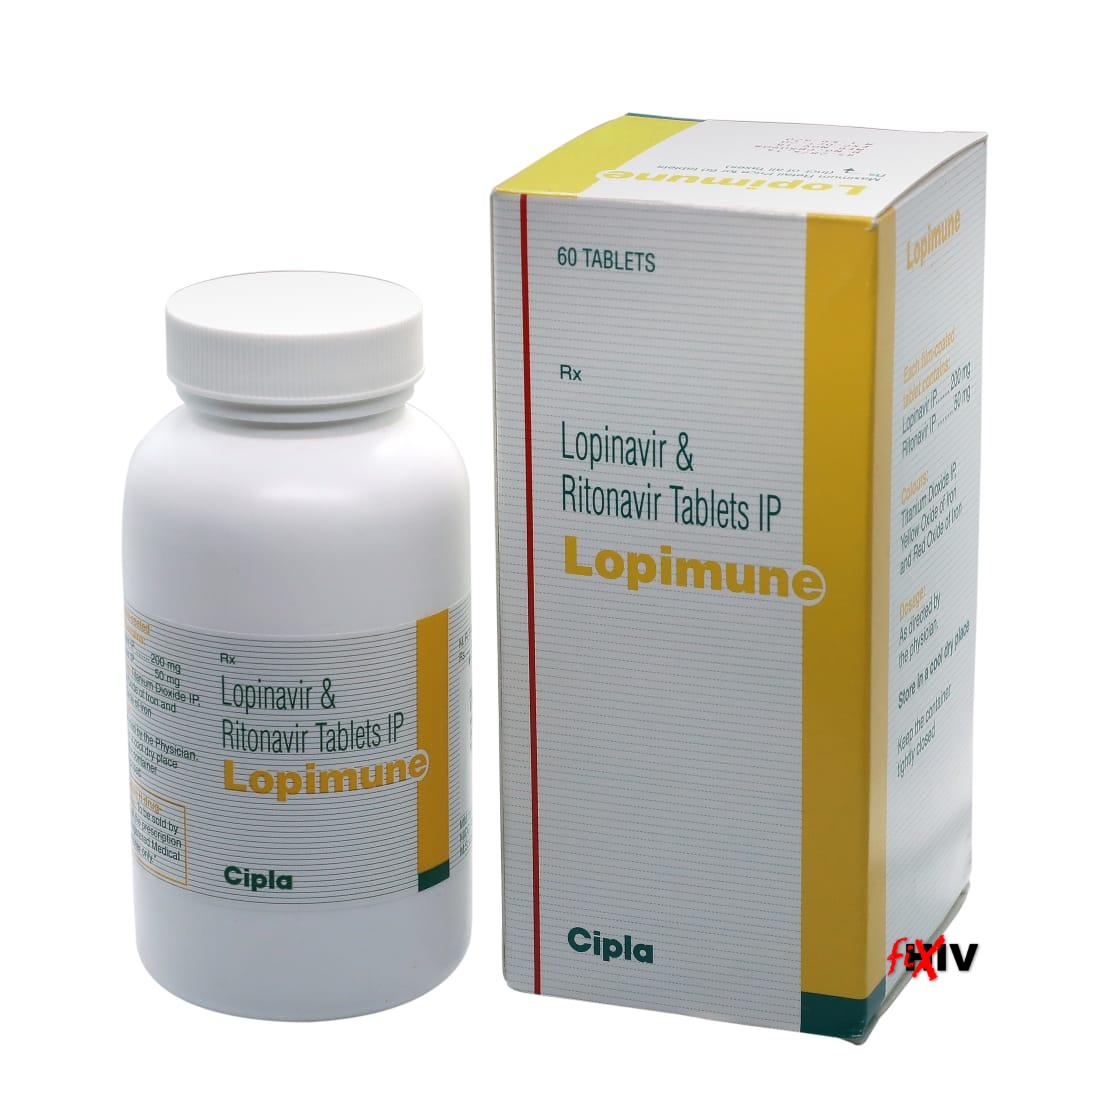 Plavix without a prescription